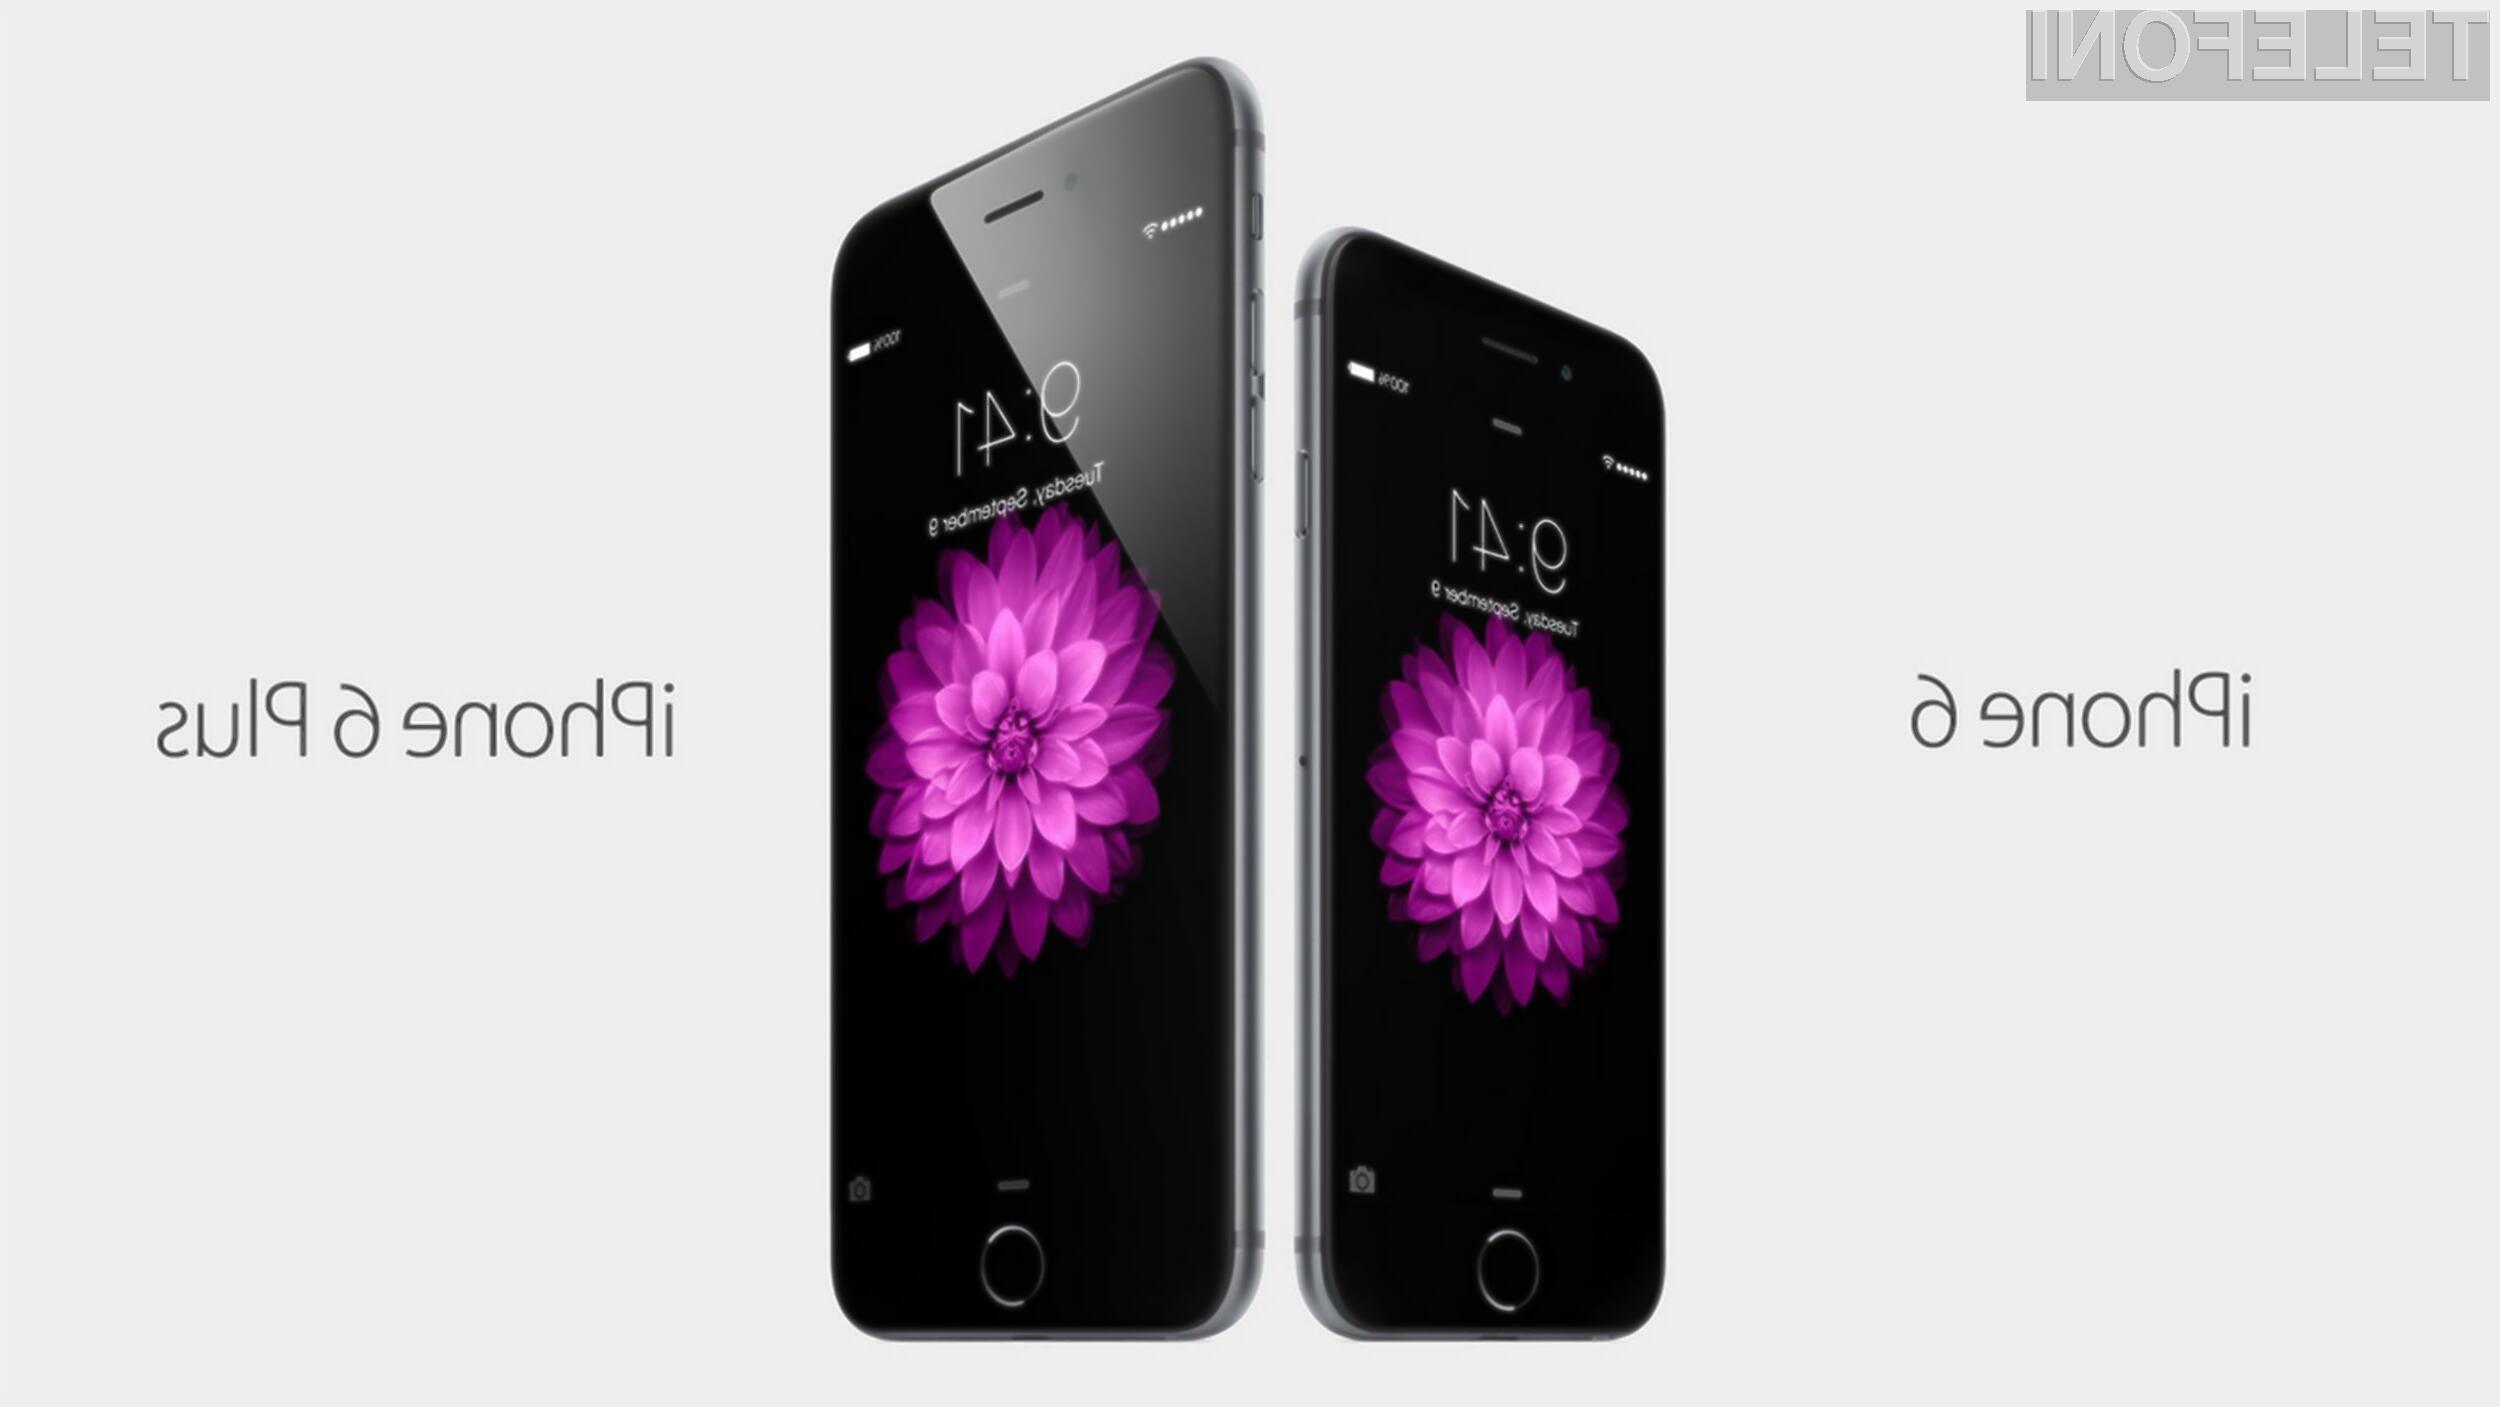 Apple iPhone 6 je dobesedno obnorel Američane!